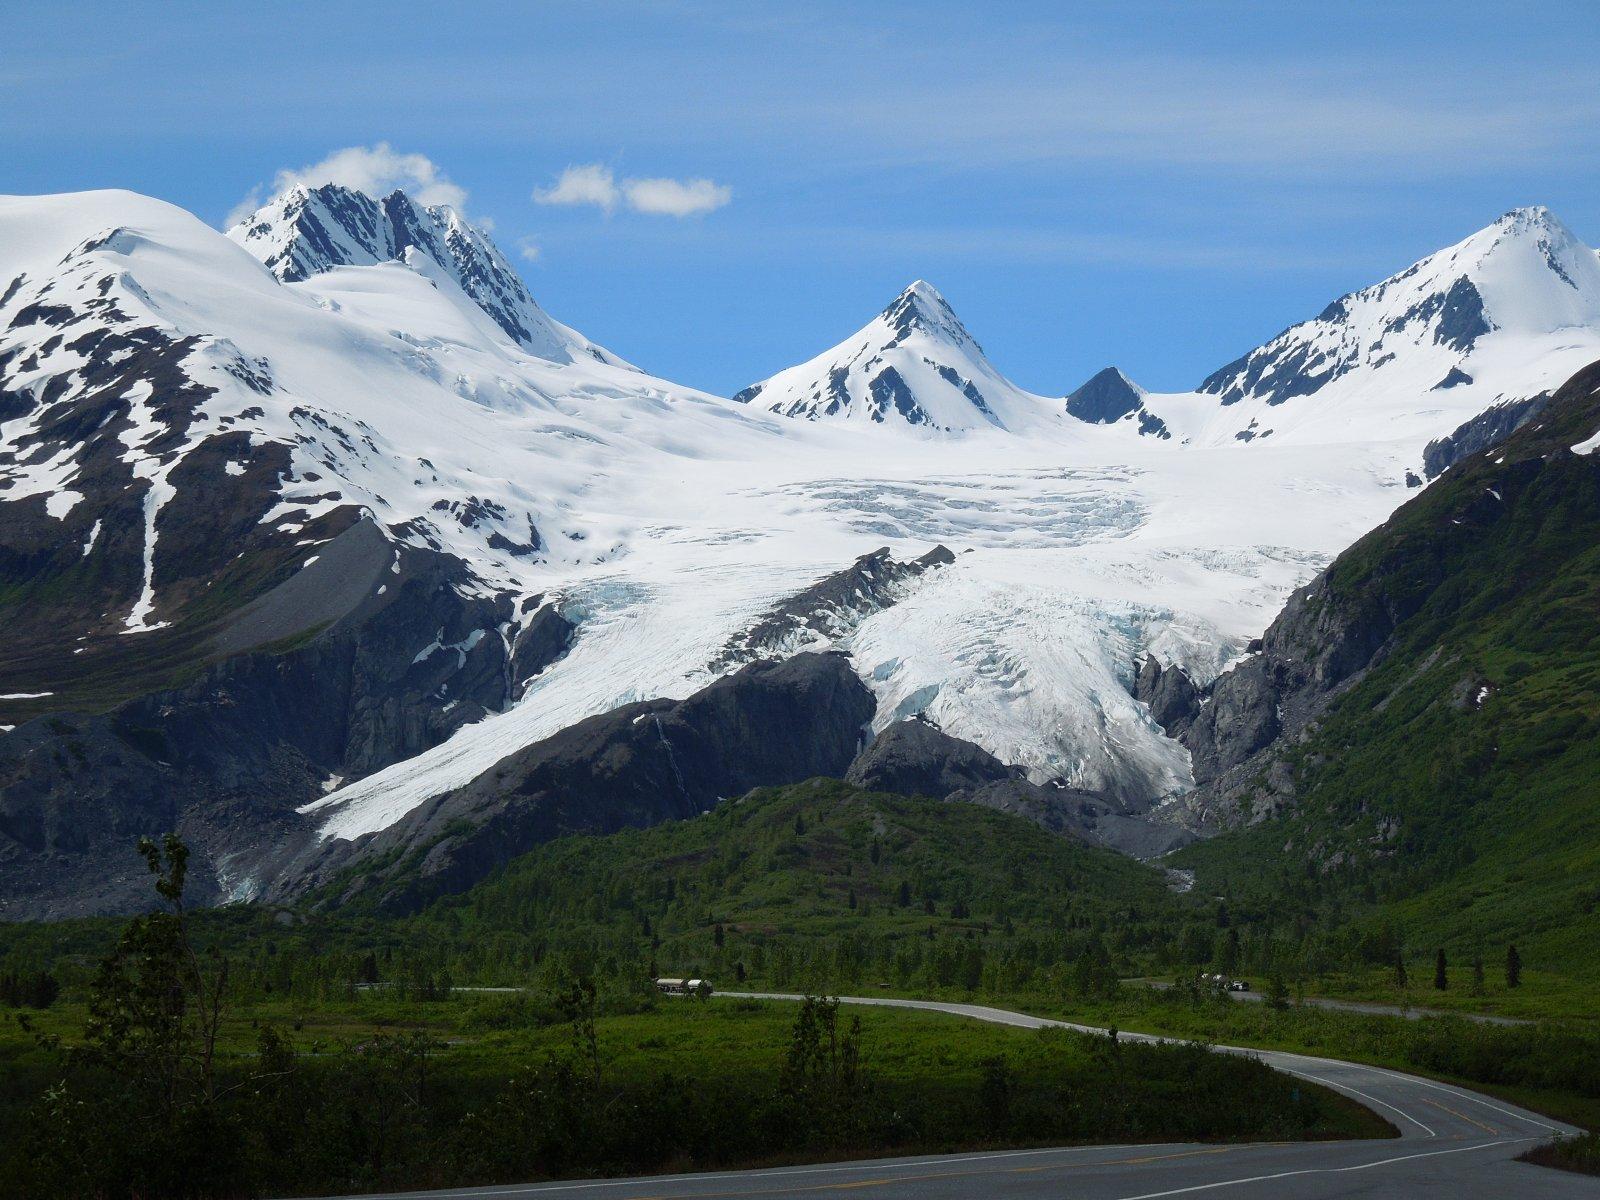 Click image for larger version  Name:Glennallen to Valdez 065.jpg Views:58 Size:339.9 KB ID:215336